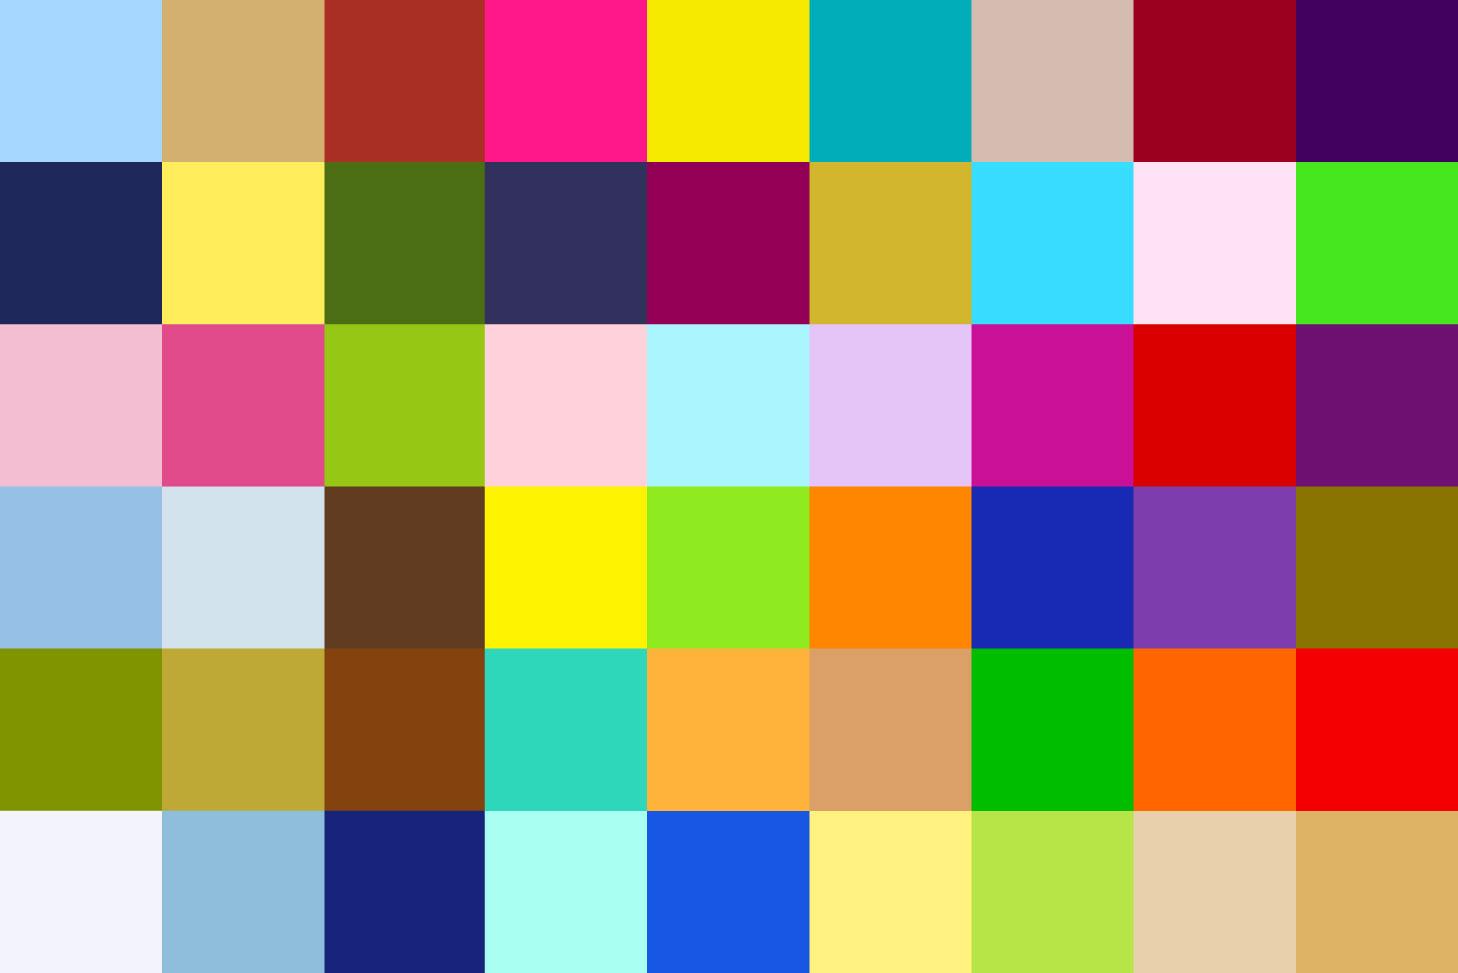 色_配色に困ったときはコレ!カラーパターン別の頼れる「色の